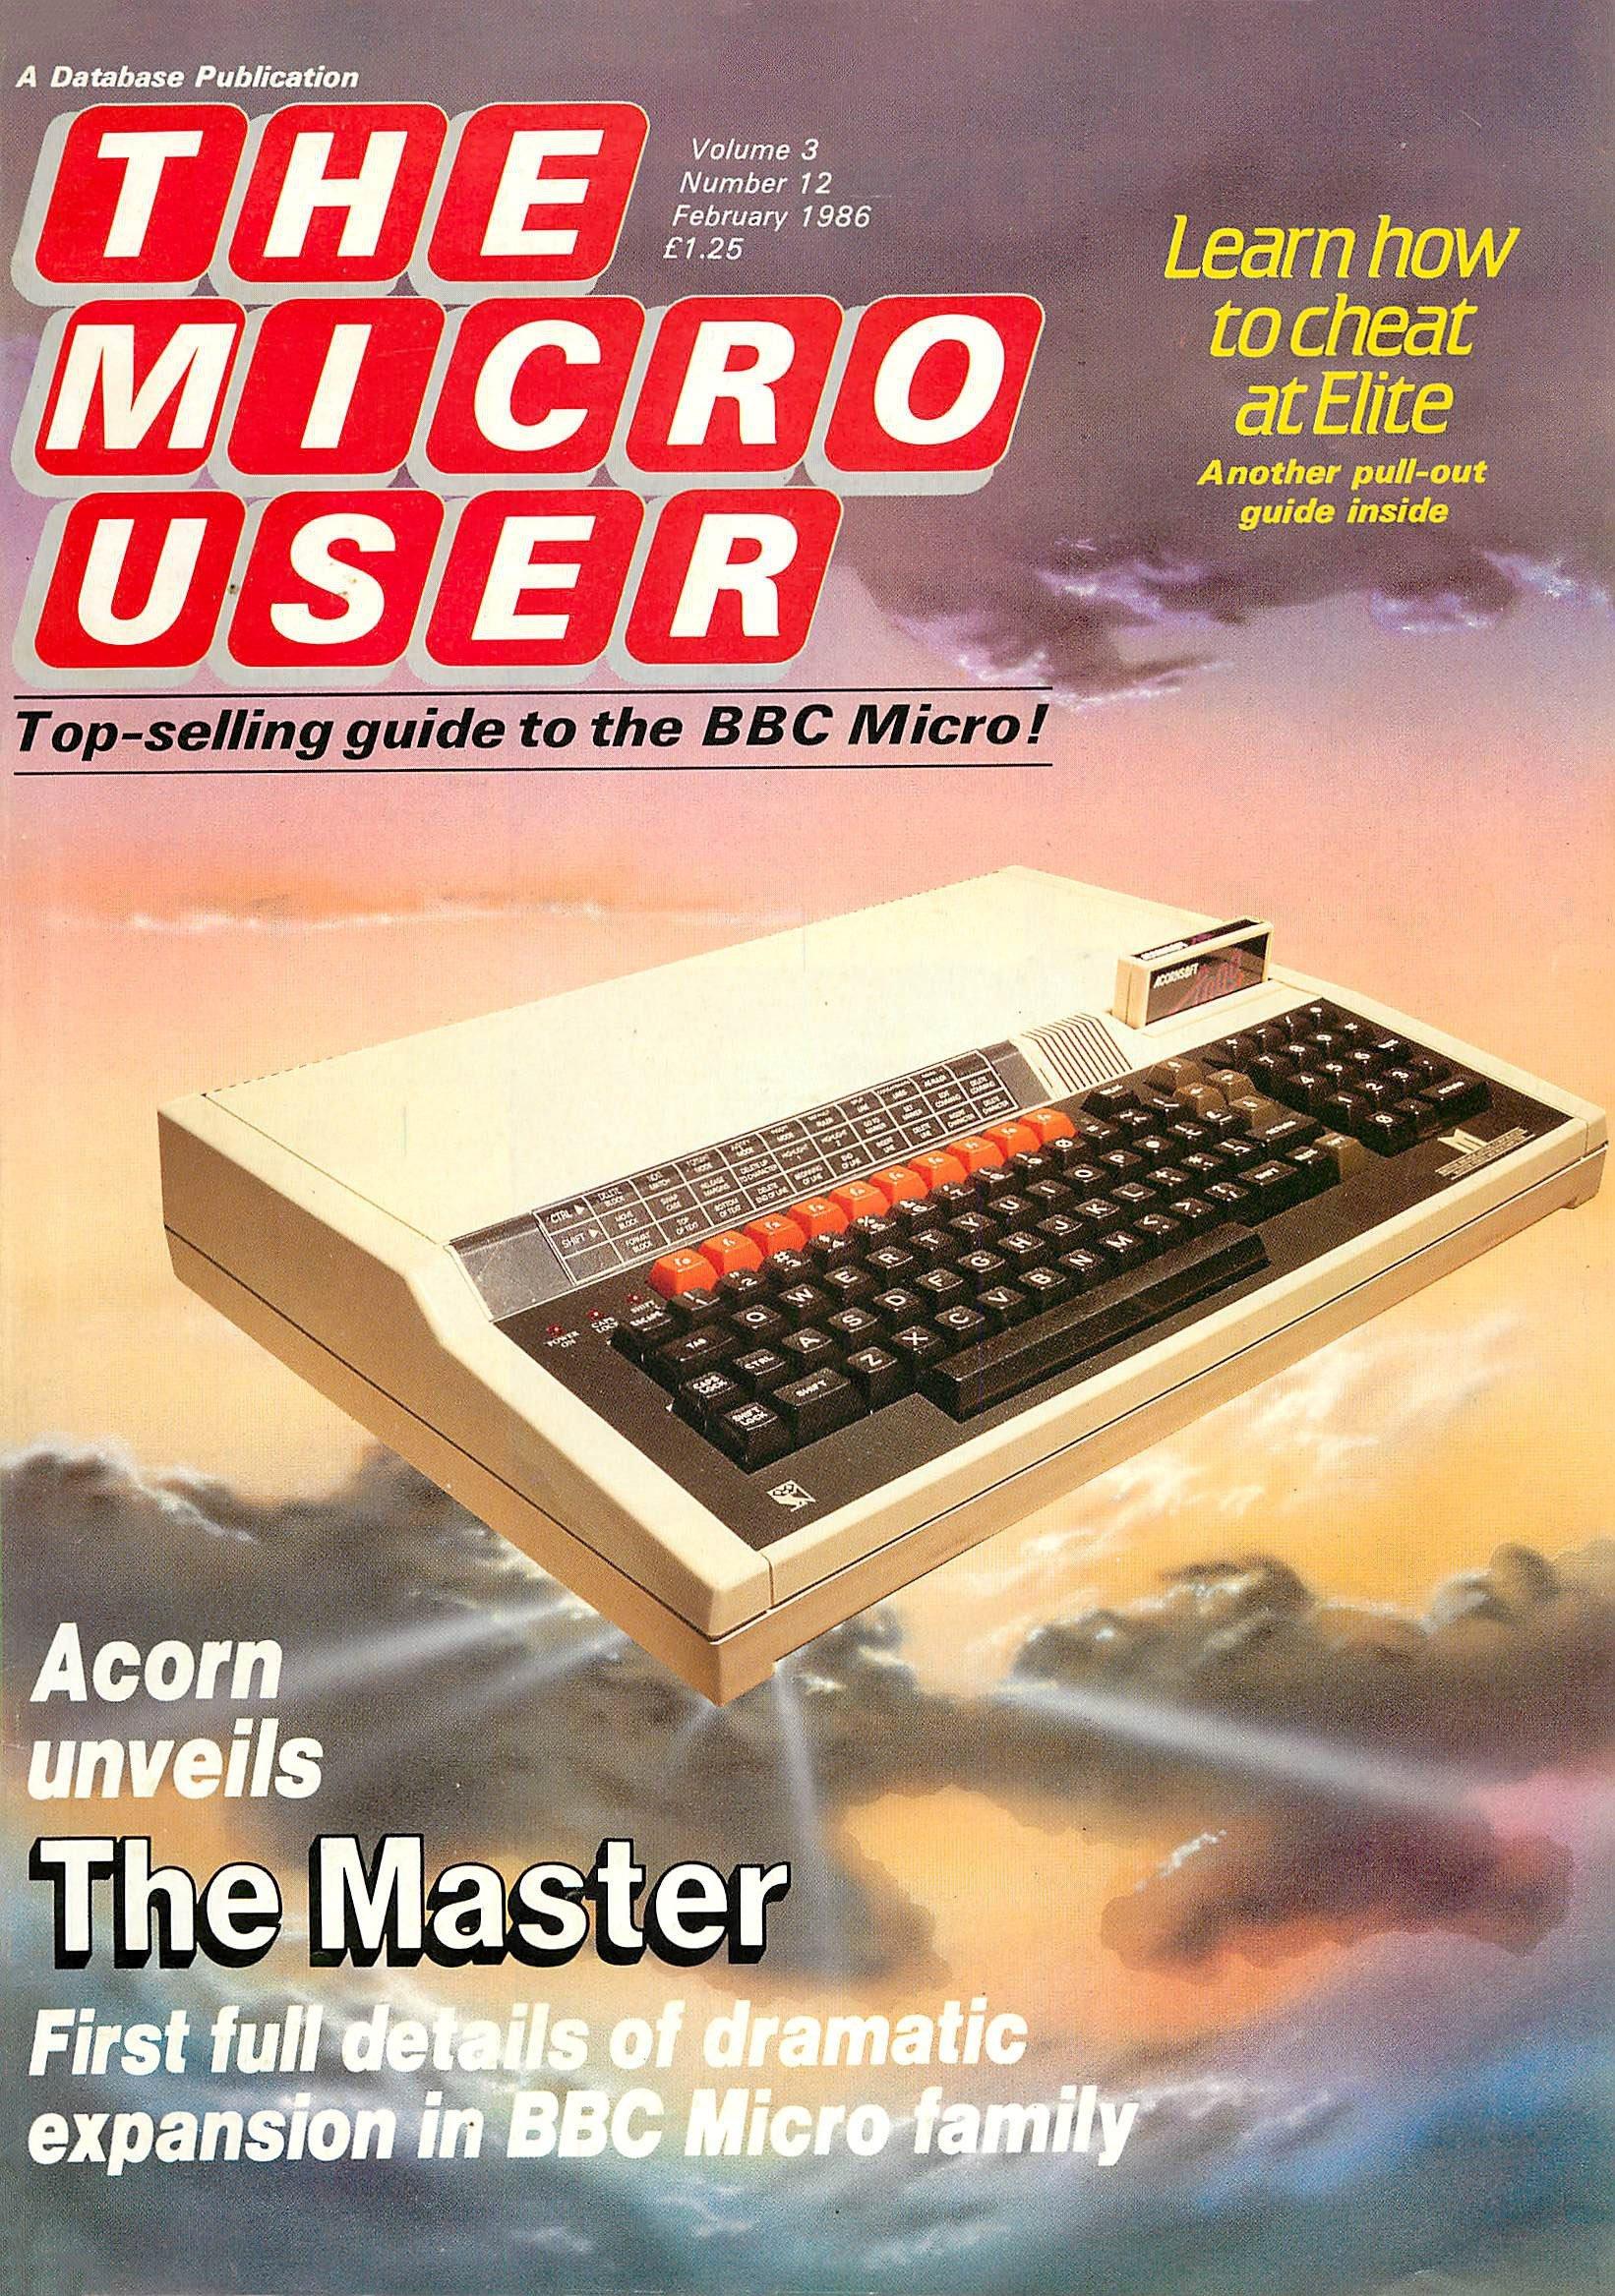 The Micro User Vol.03 No.12 (February 1986)